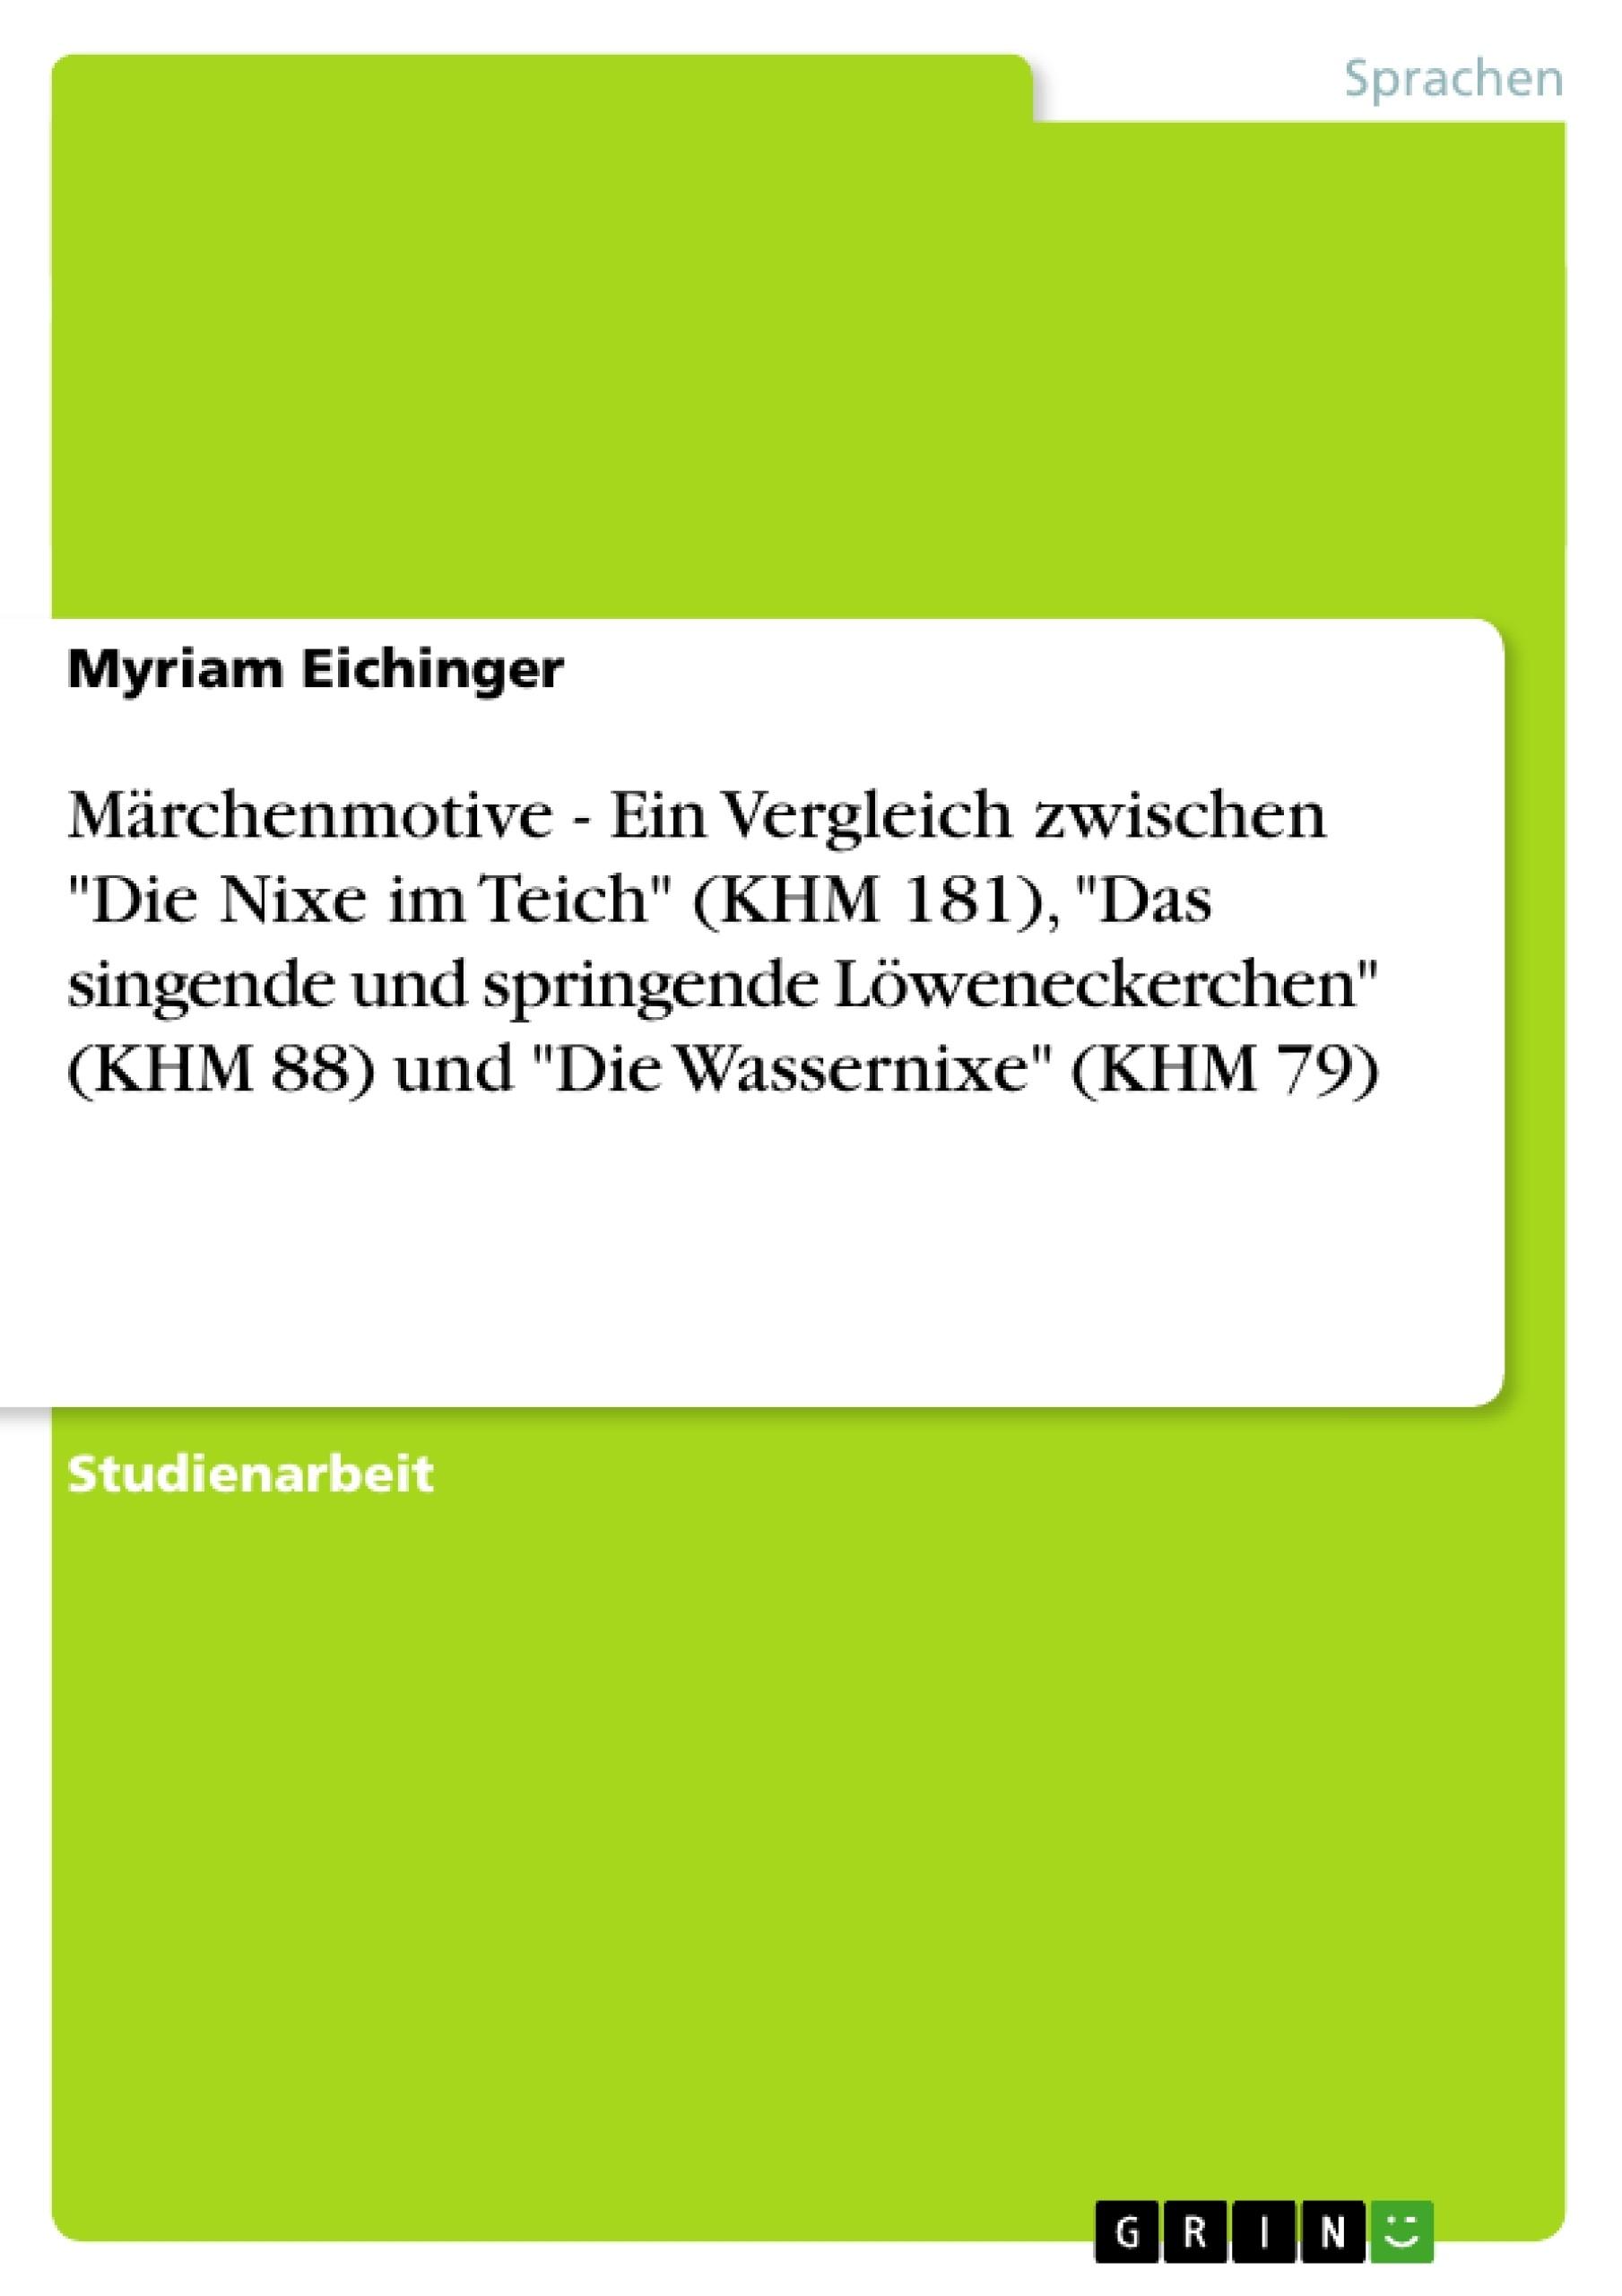 """Titel: Märchenmotive - Ein Vergleich zwischen """"Die Nixe im Teich"""" (KHM 181), """"Das singende und springende Löweneckerchen"""" (KHM 88) und """"Die Wassernixe"""" (KHM 79)"""